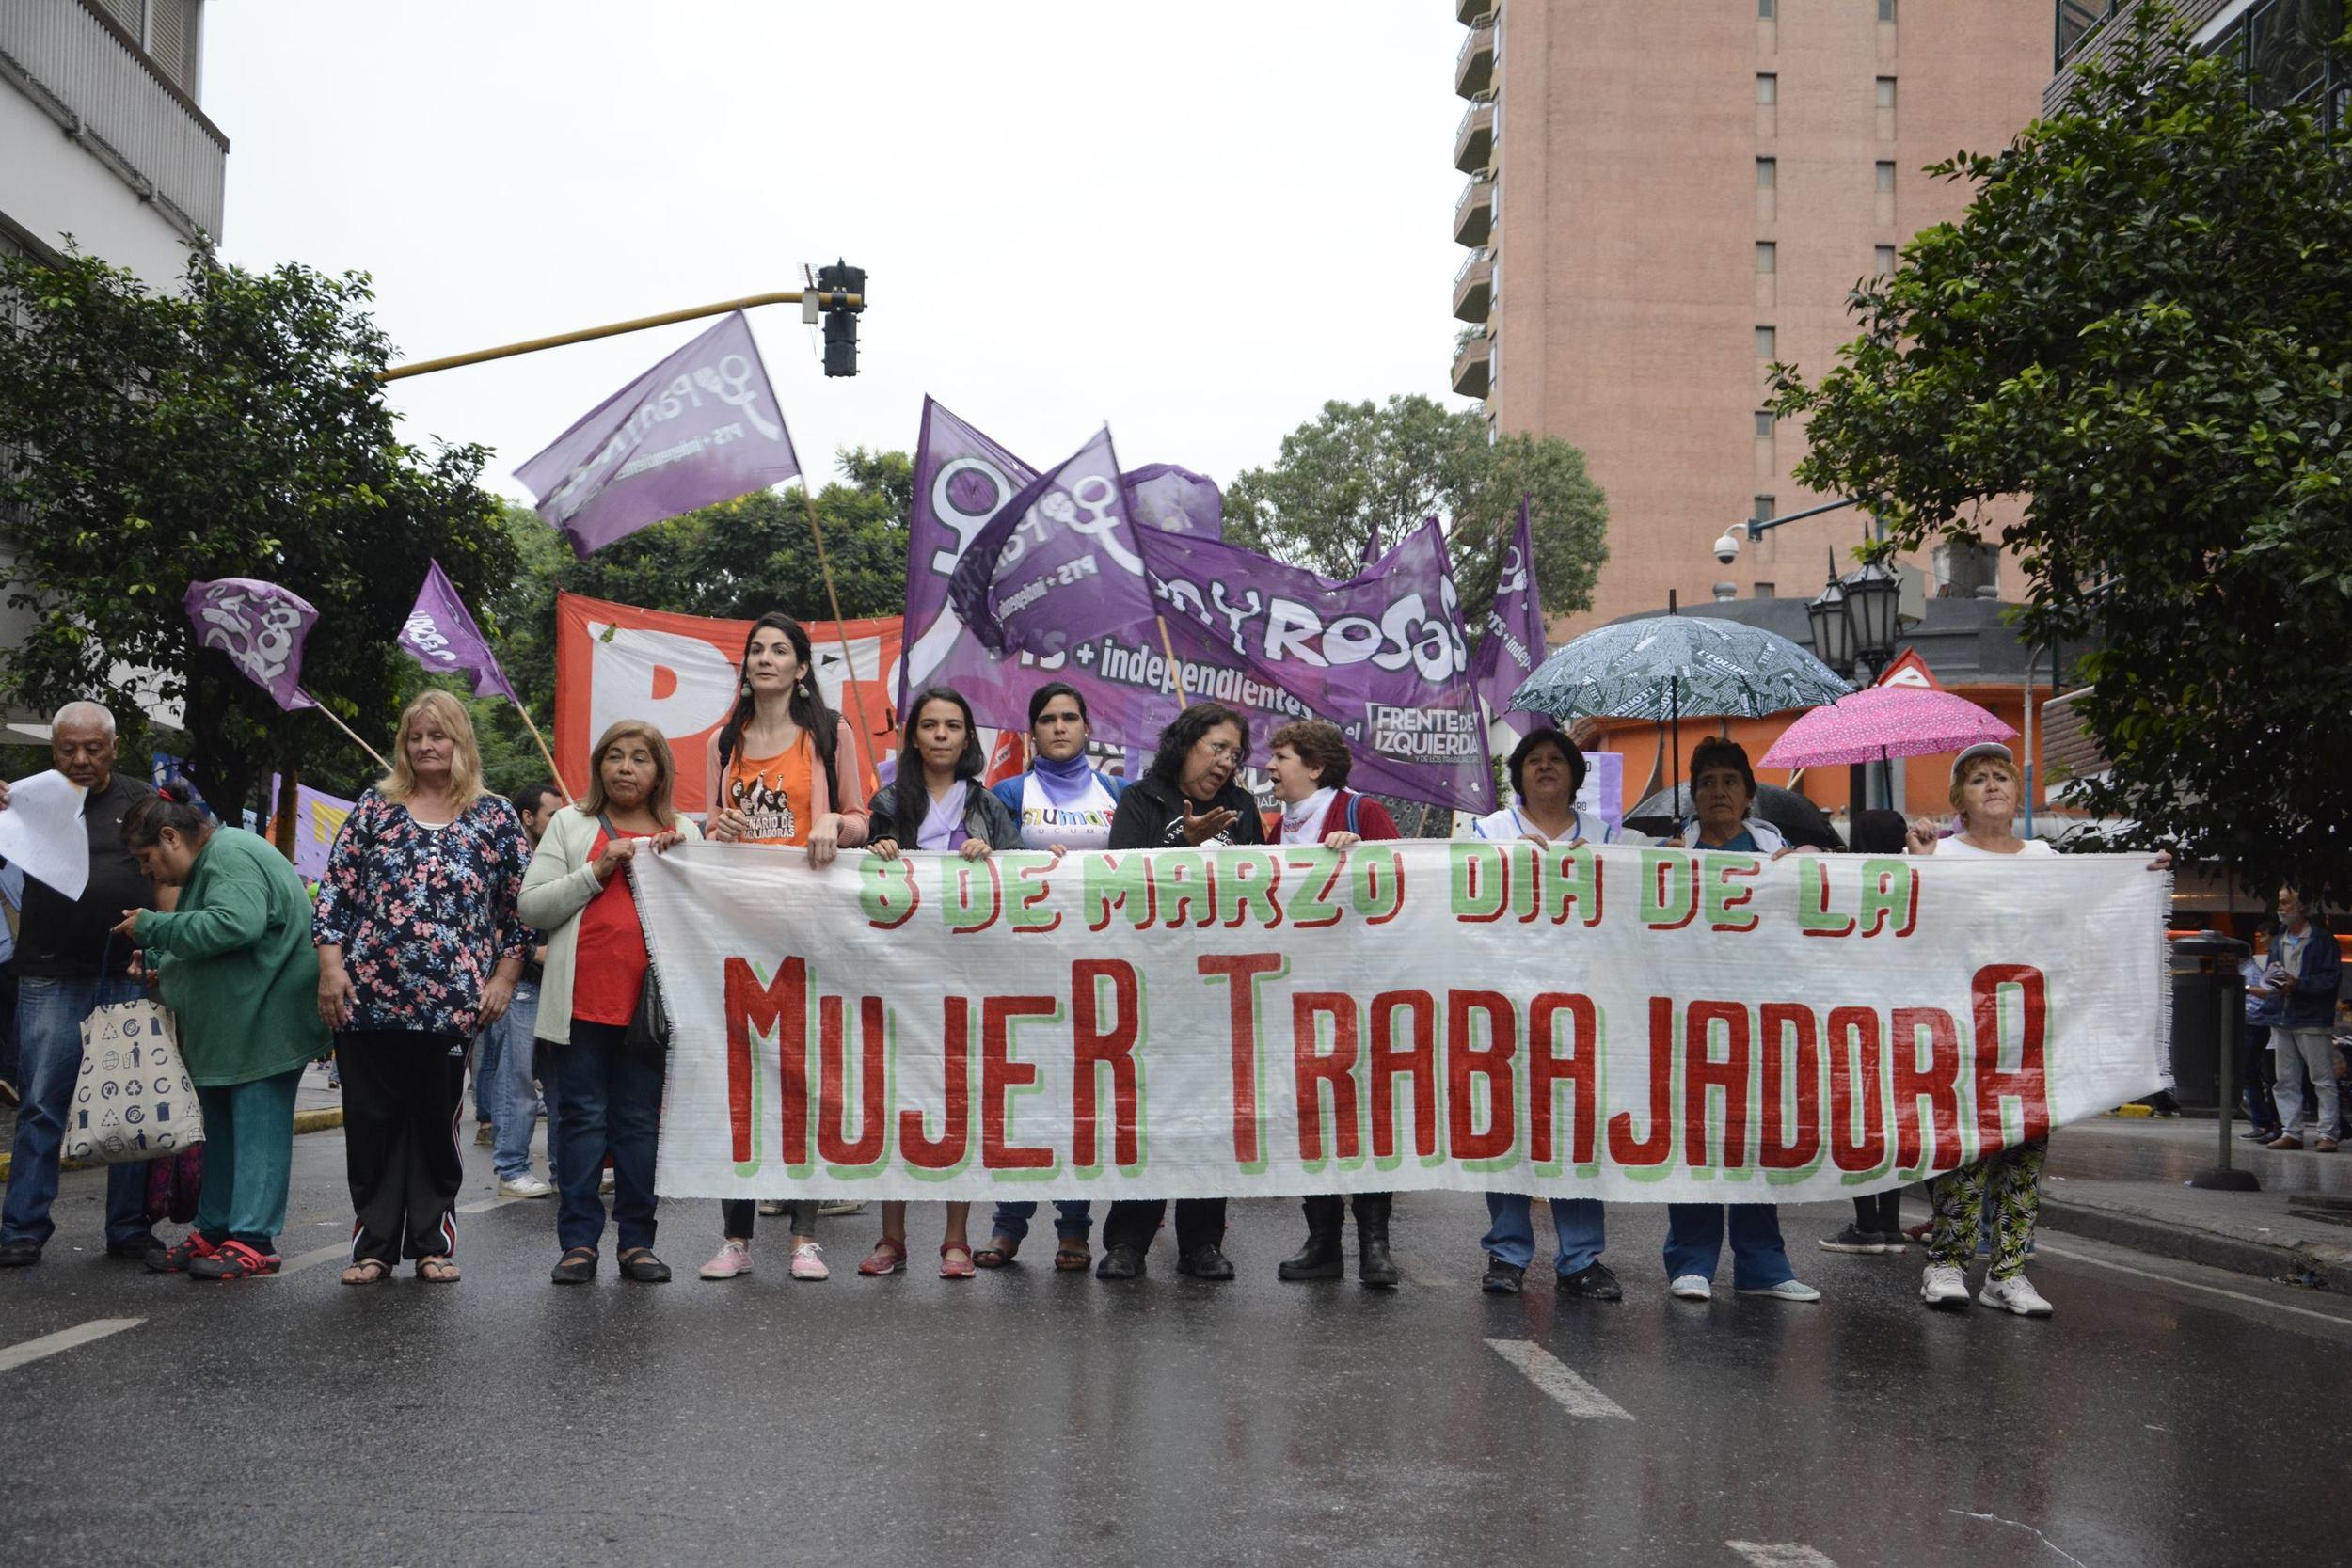 Fotografía de Nicolás Tuero.